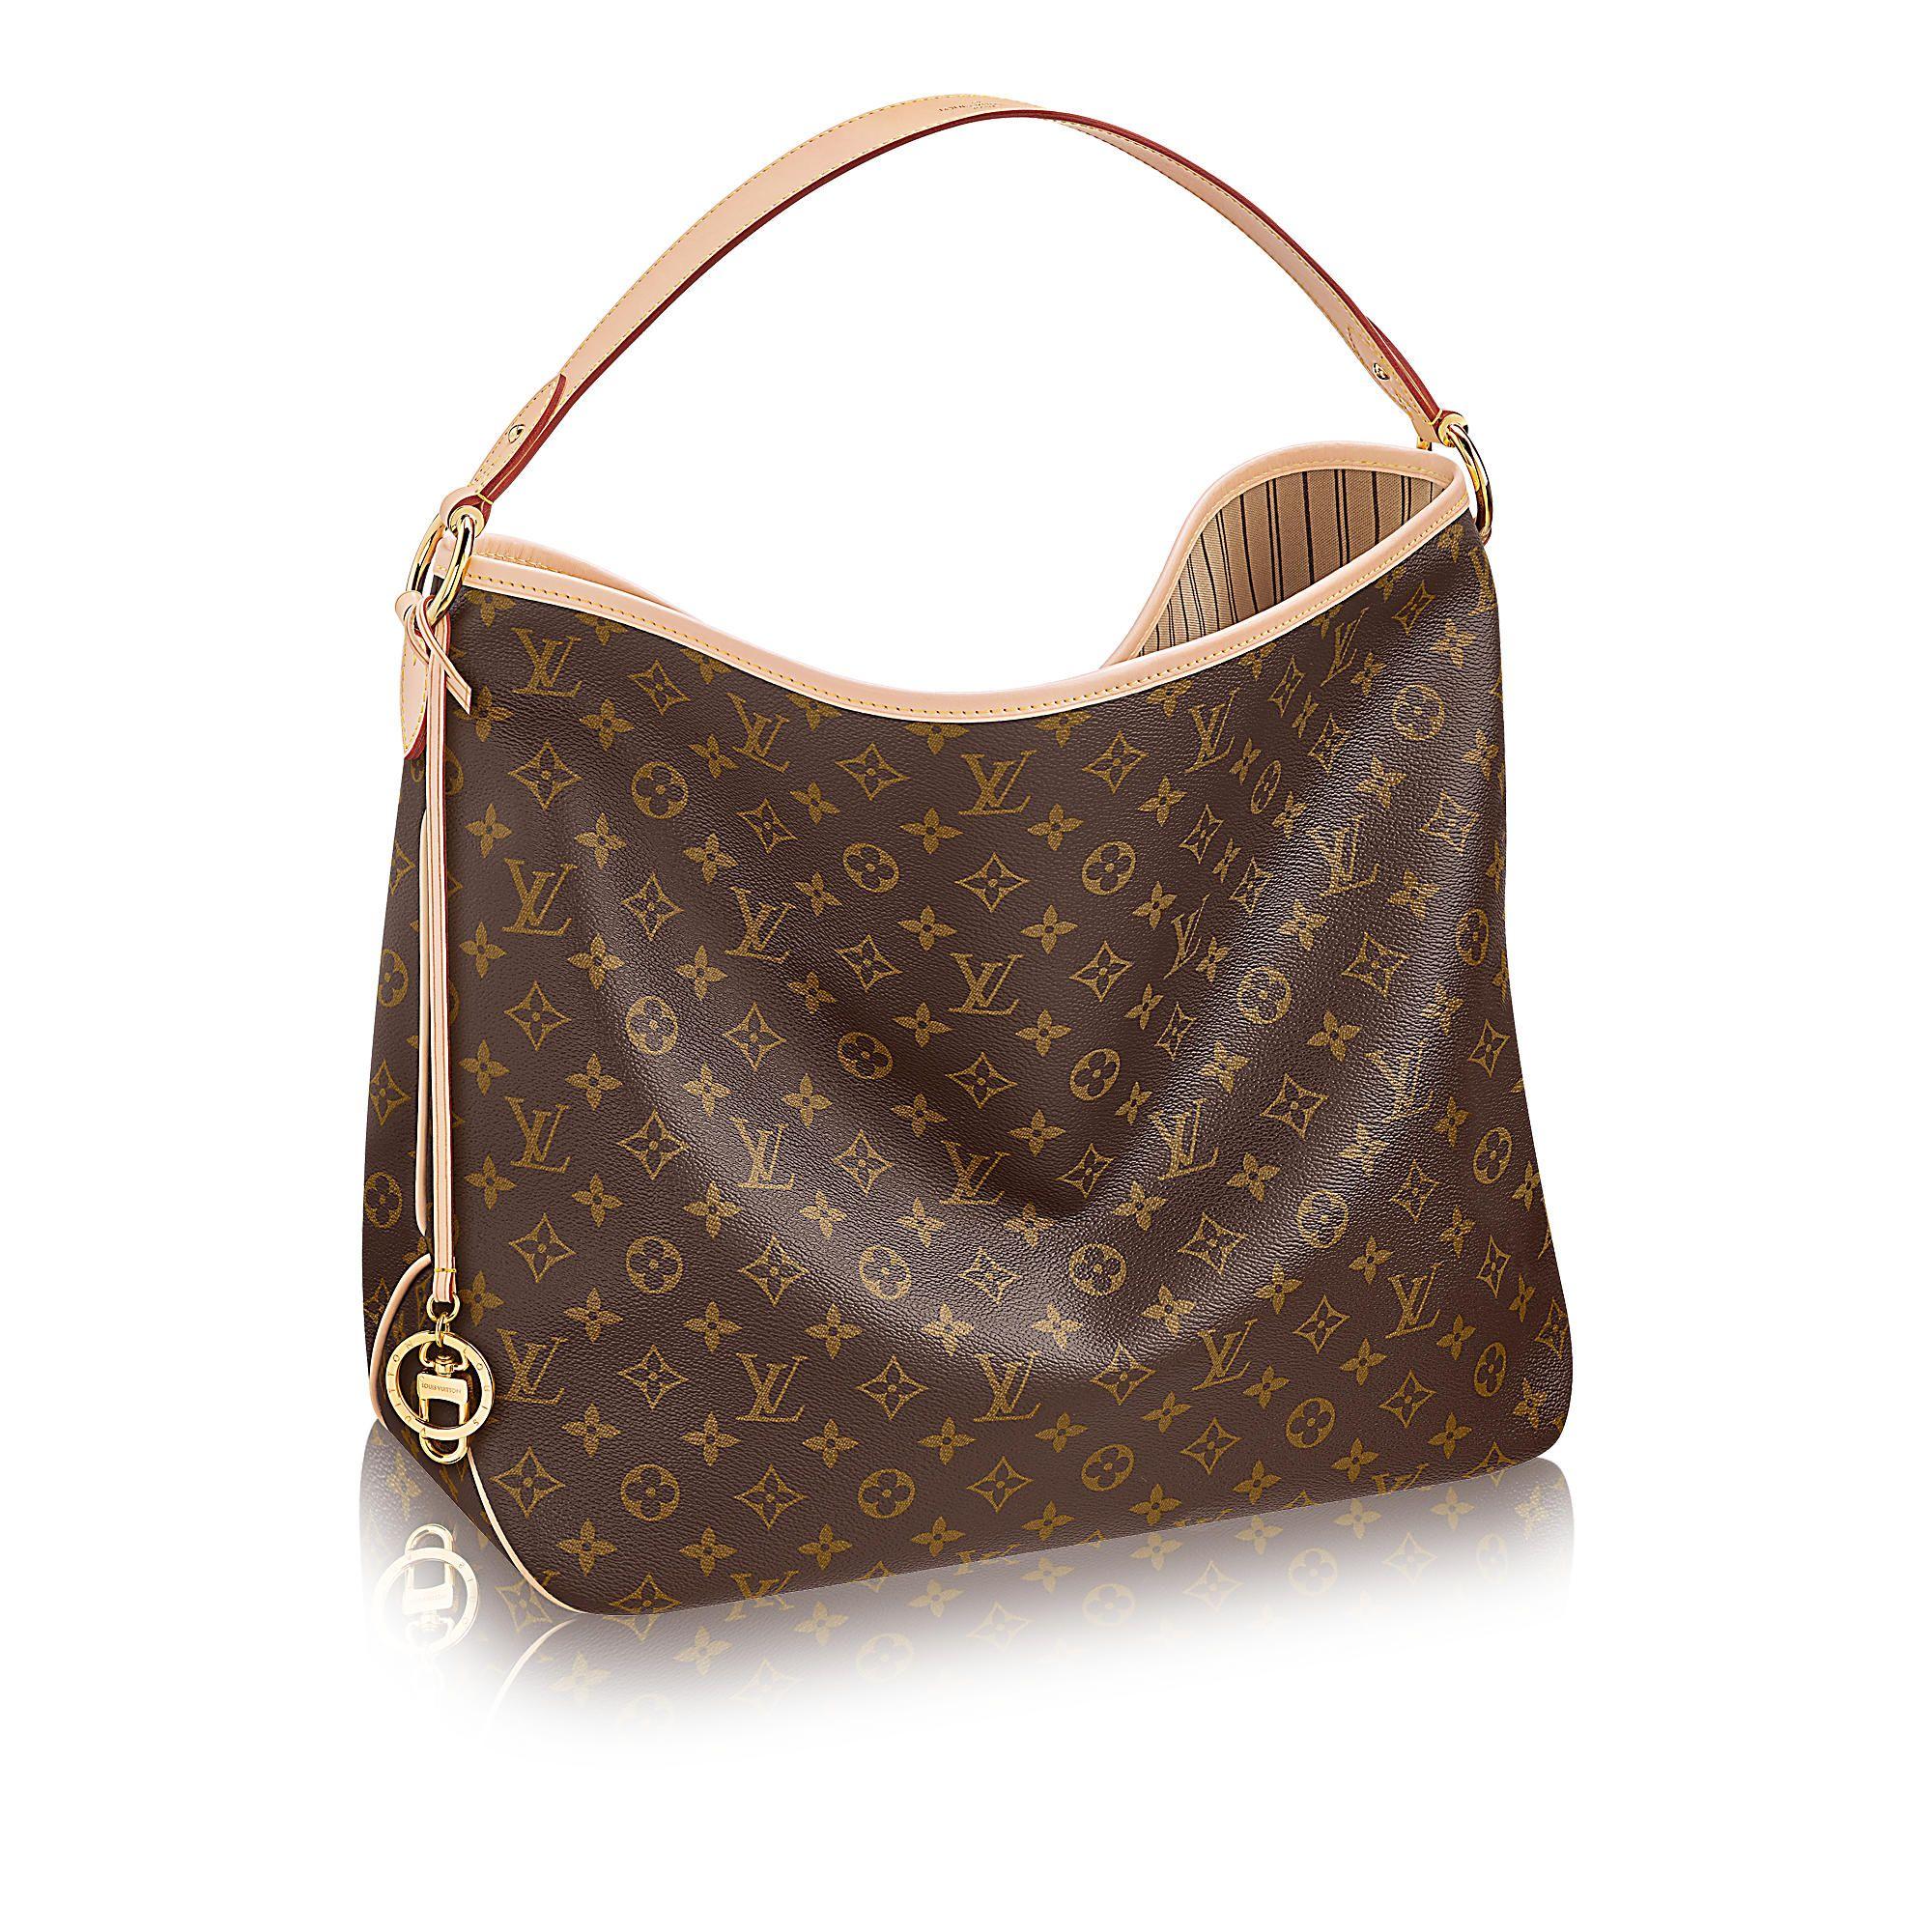 Discover Louis Vuitton Delightful GM via Louis Vuitton | Handbags ...